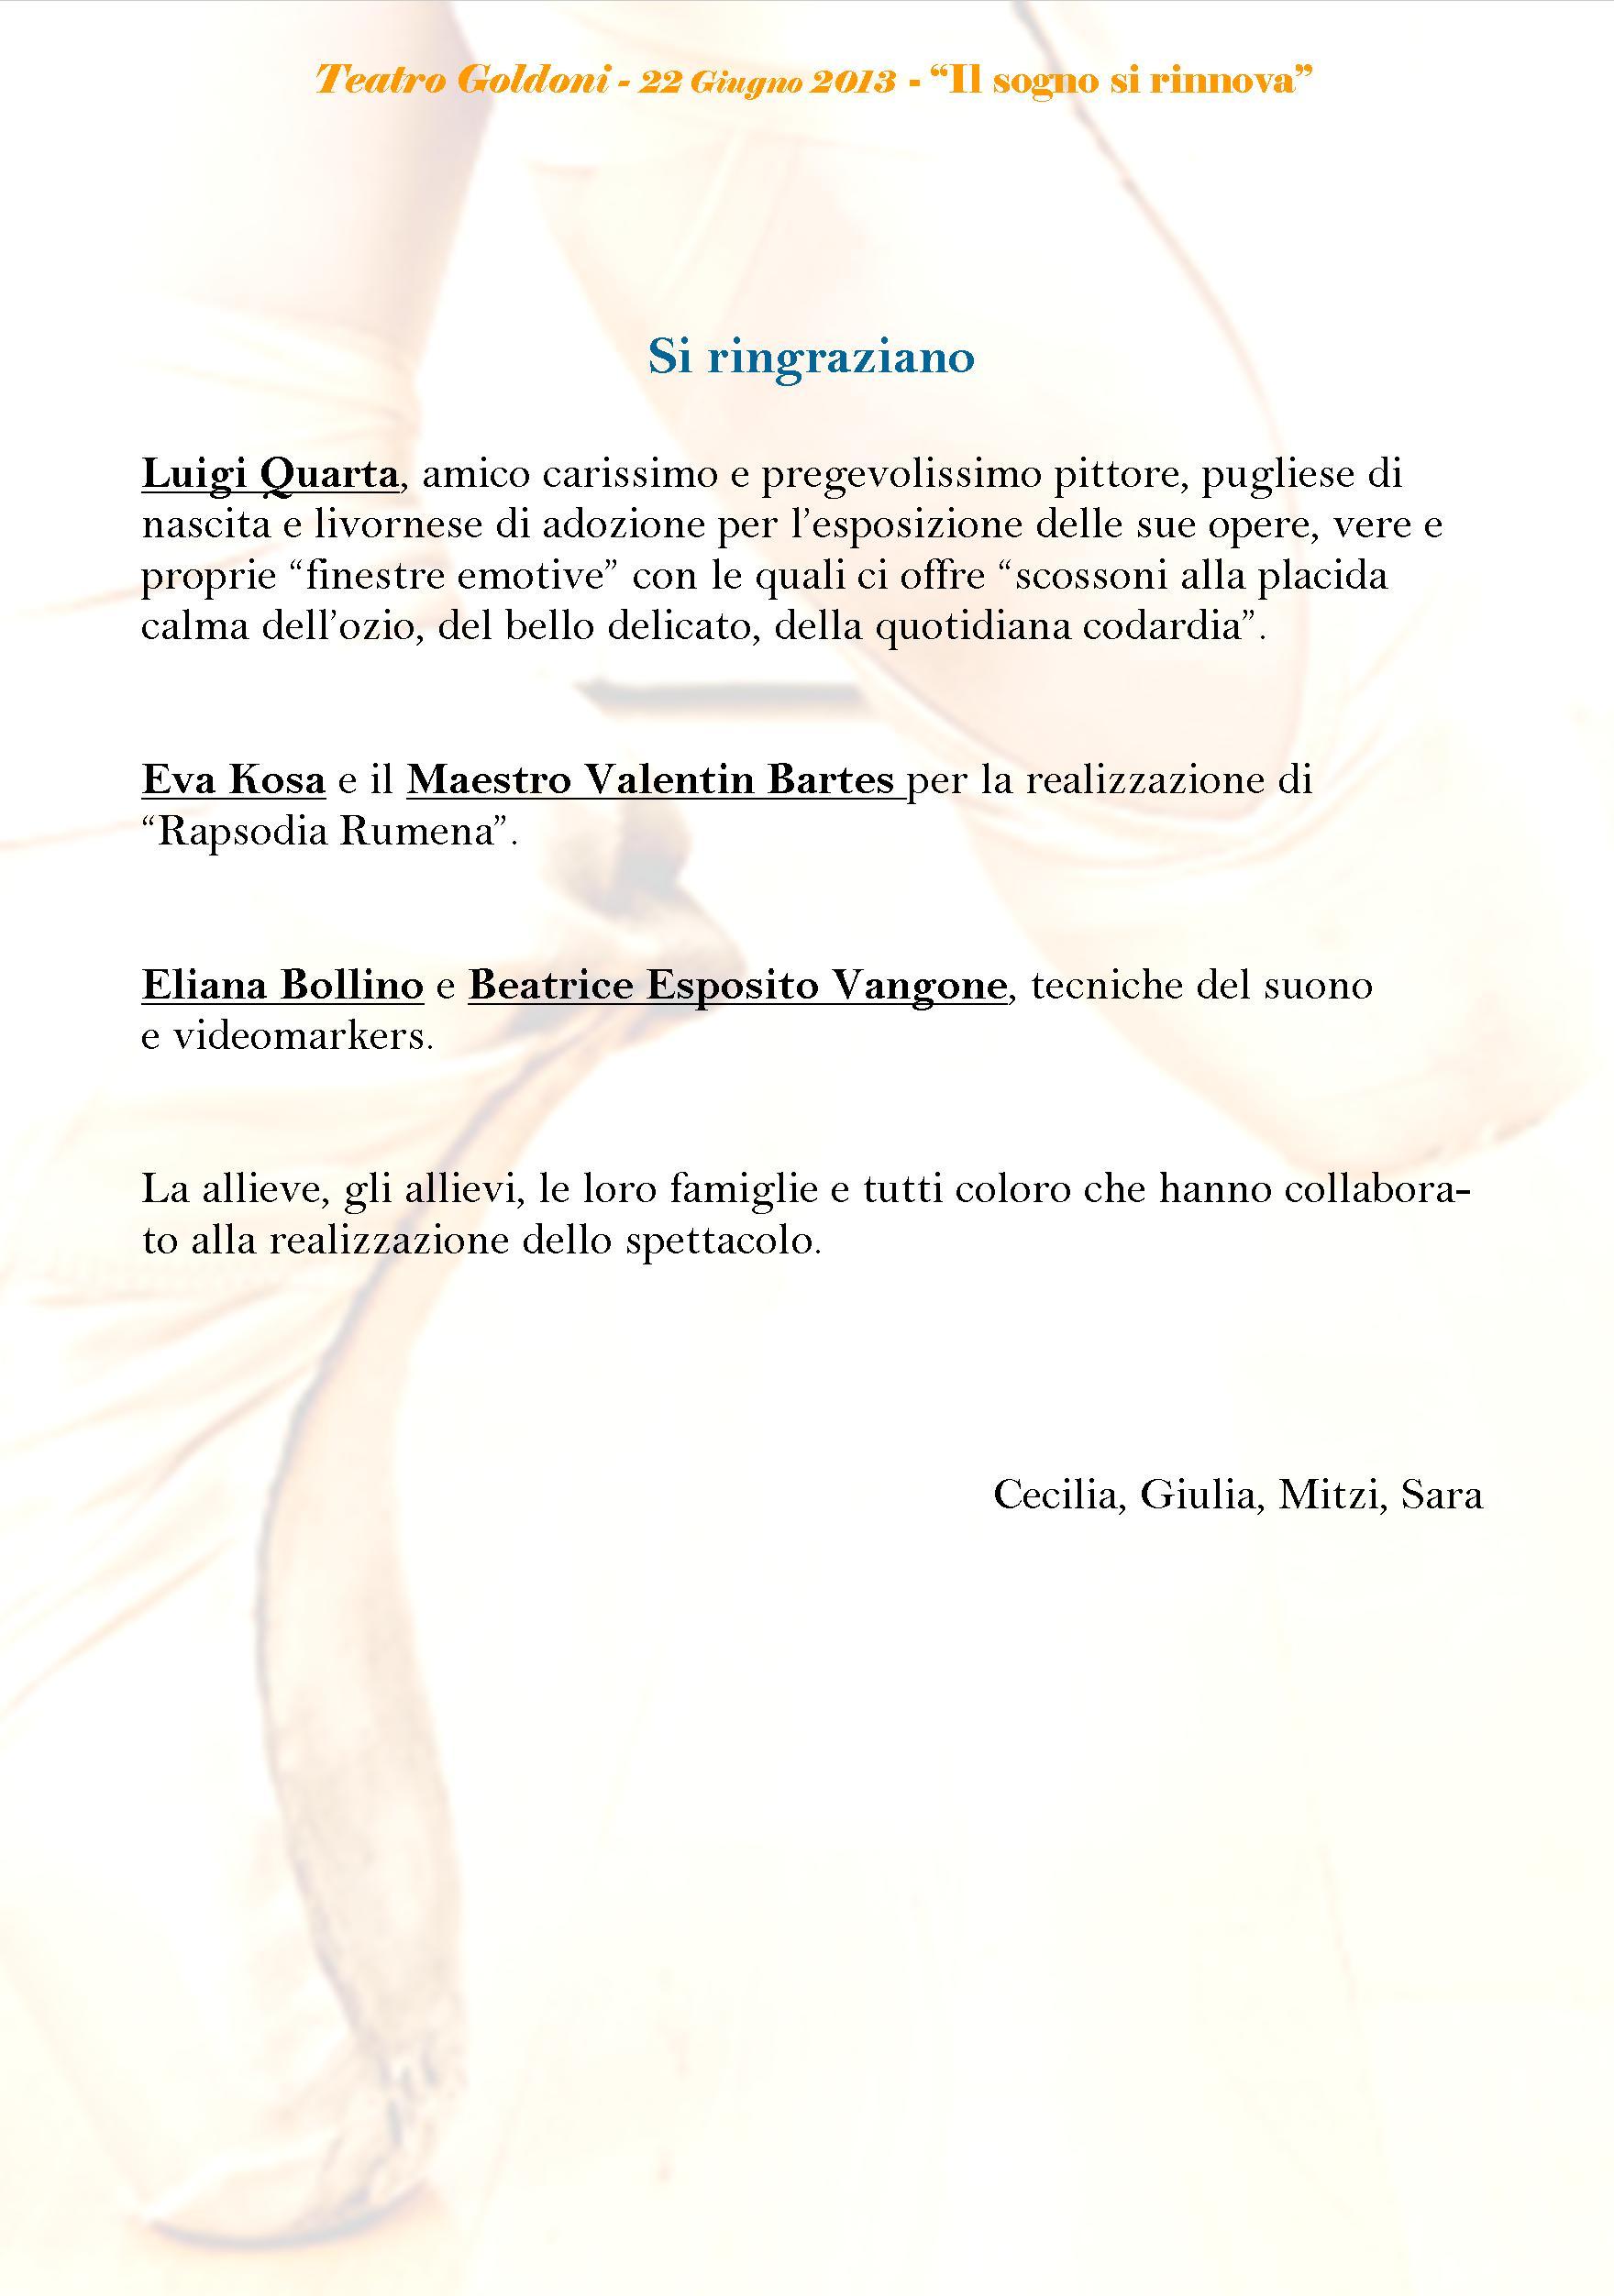 luigi quarta goldoni livorno (1)